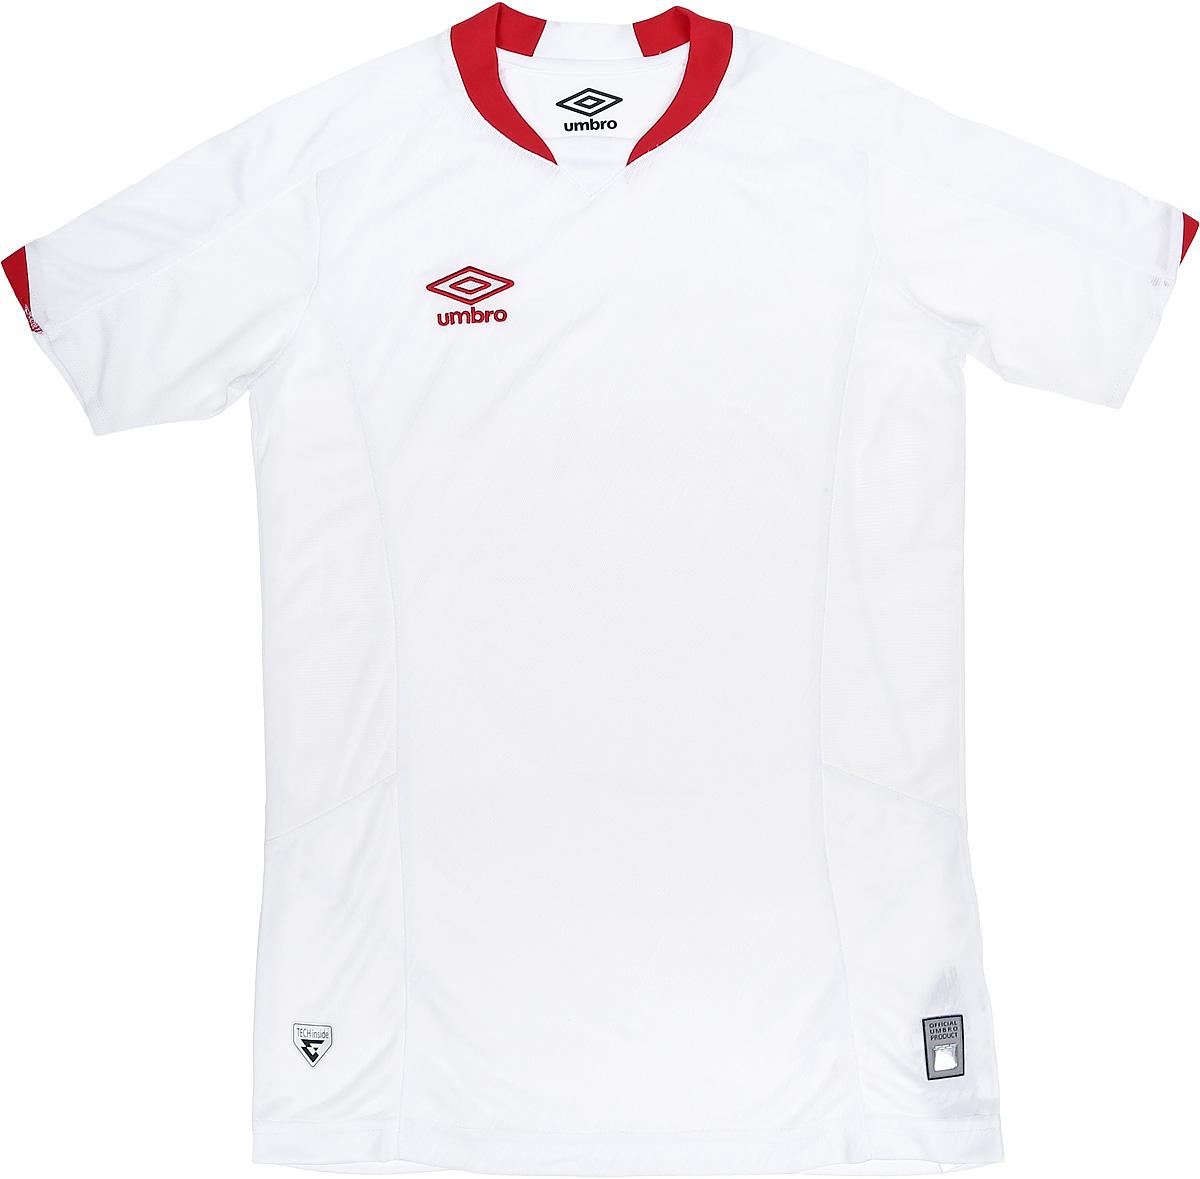 Футболка для мальчика Umbro Armada Jersey Ss, цвет: белый, красный. 120115. Размер YXL (158)120115Технологичная игровая футболка футбольная для взрослых. Прекрасно подойдет для игр и частых и активных футбольных тренировок. Прилегающий силуэт для большего комфорта и удобства в игре. Выполнена из воздухопроницаемого трикотажа с перфорированным рисунко на передней части. Вставки из сетки под рукавом и на боковой части для отвода влаги. Технология Tech Inside.